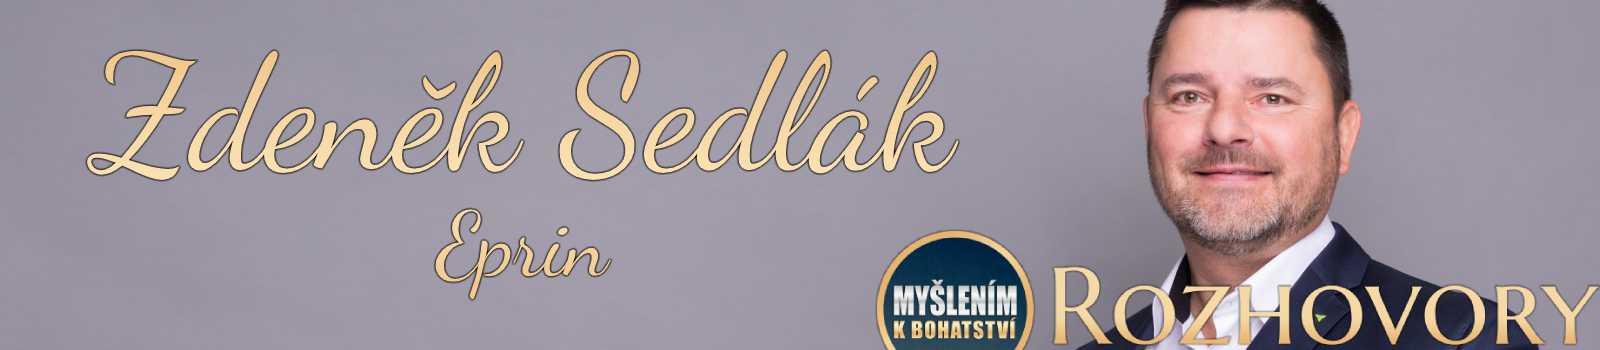 Sedm otázek: Zdeněk Sedlák